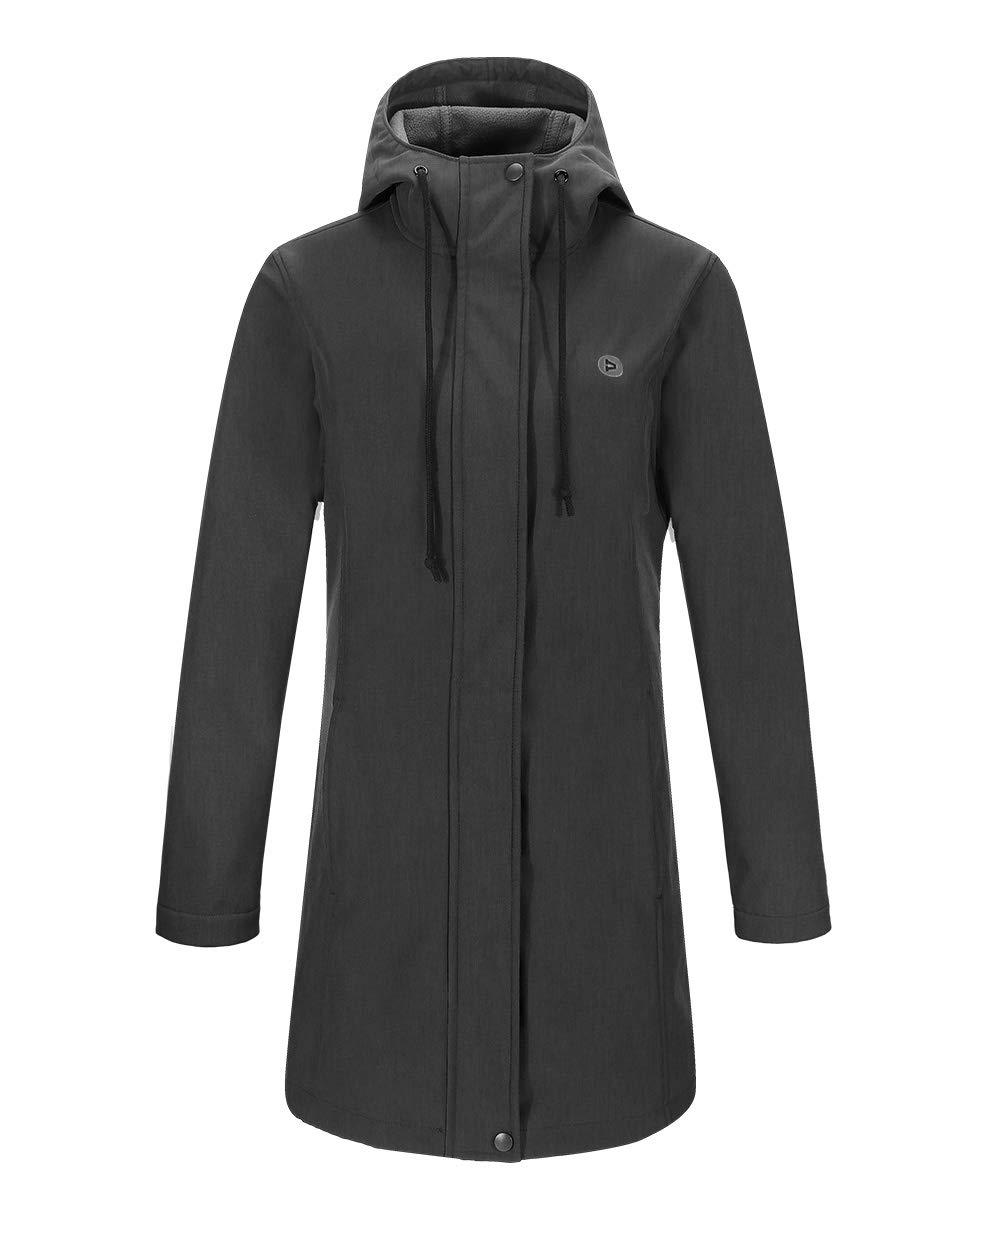 Outdoor Ventures Women's Veda Lightweight Waterproof Windbreaker Softshell Jacket Hooded Long Coat by Outdoor Ventures